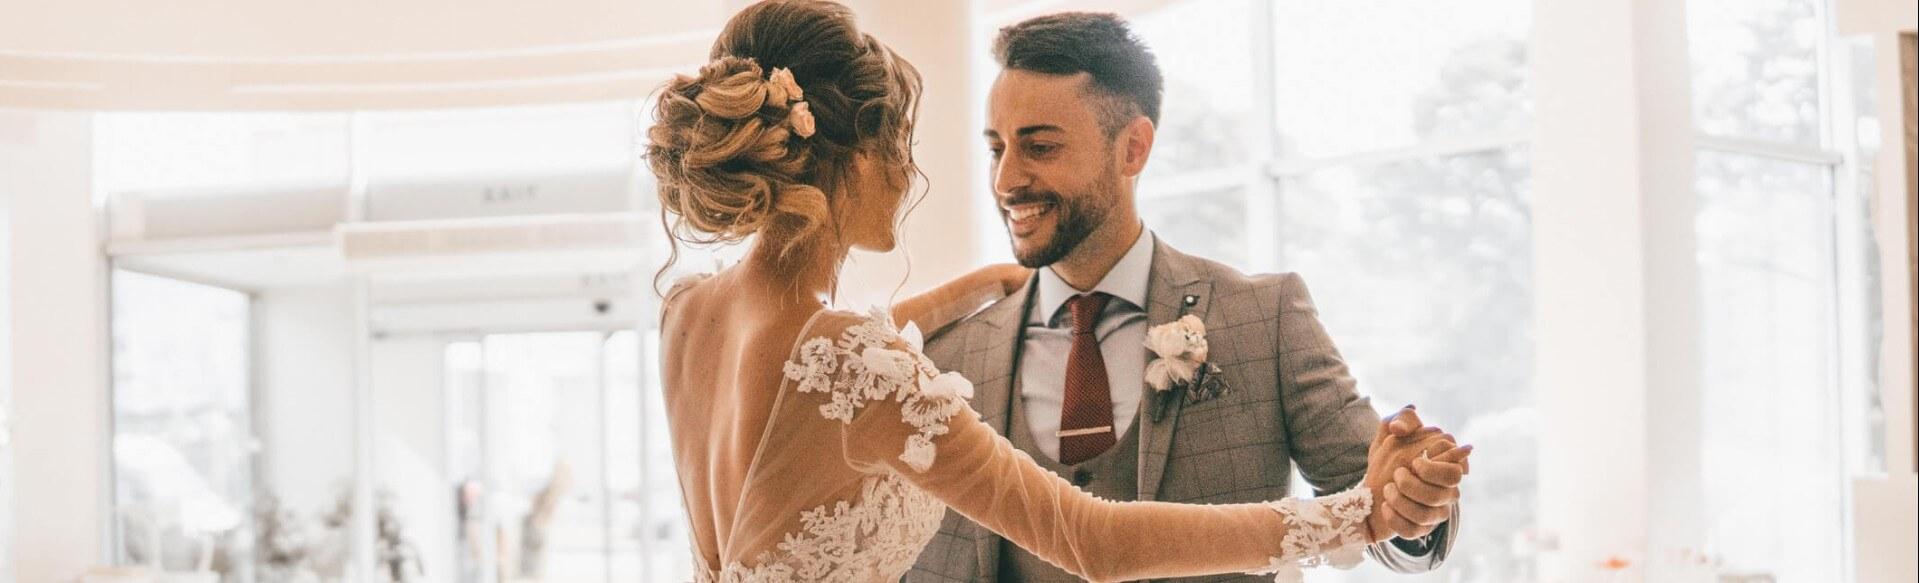 Festa de casamento ou apartamento: o que priorizar?